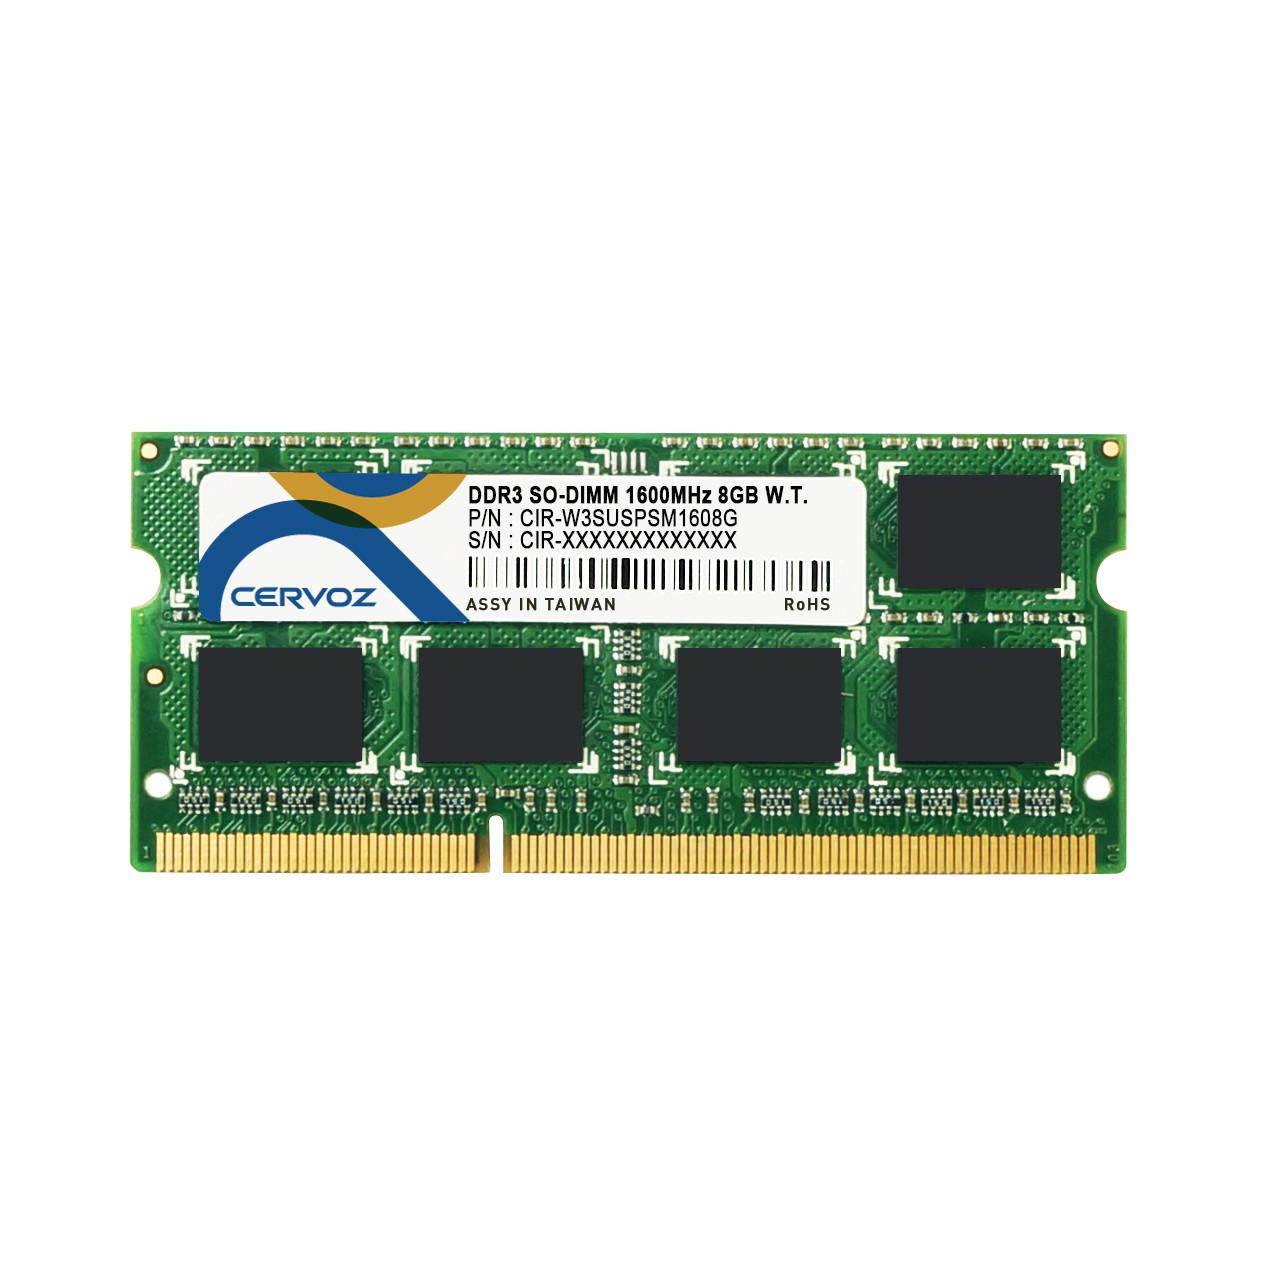 8GB Industrial DDR3 SO-DIMM 1600MHz